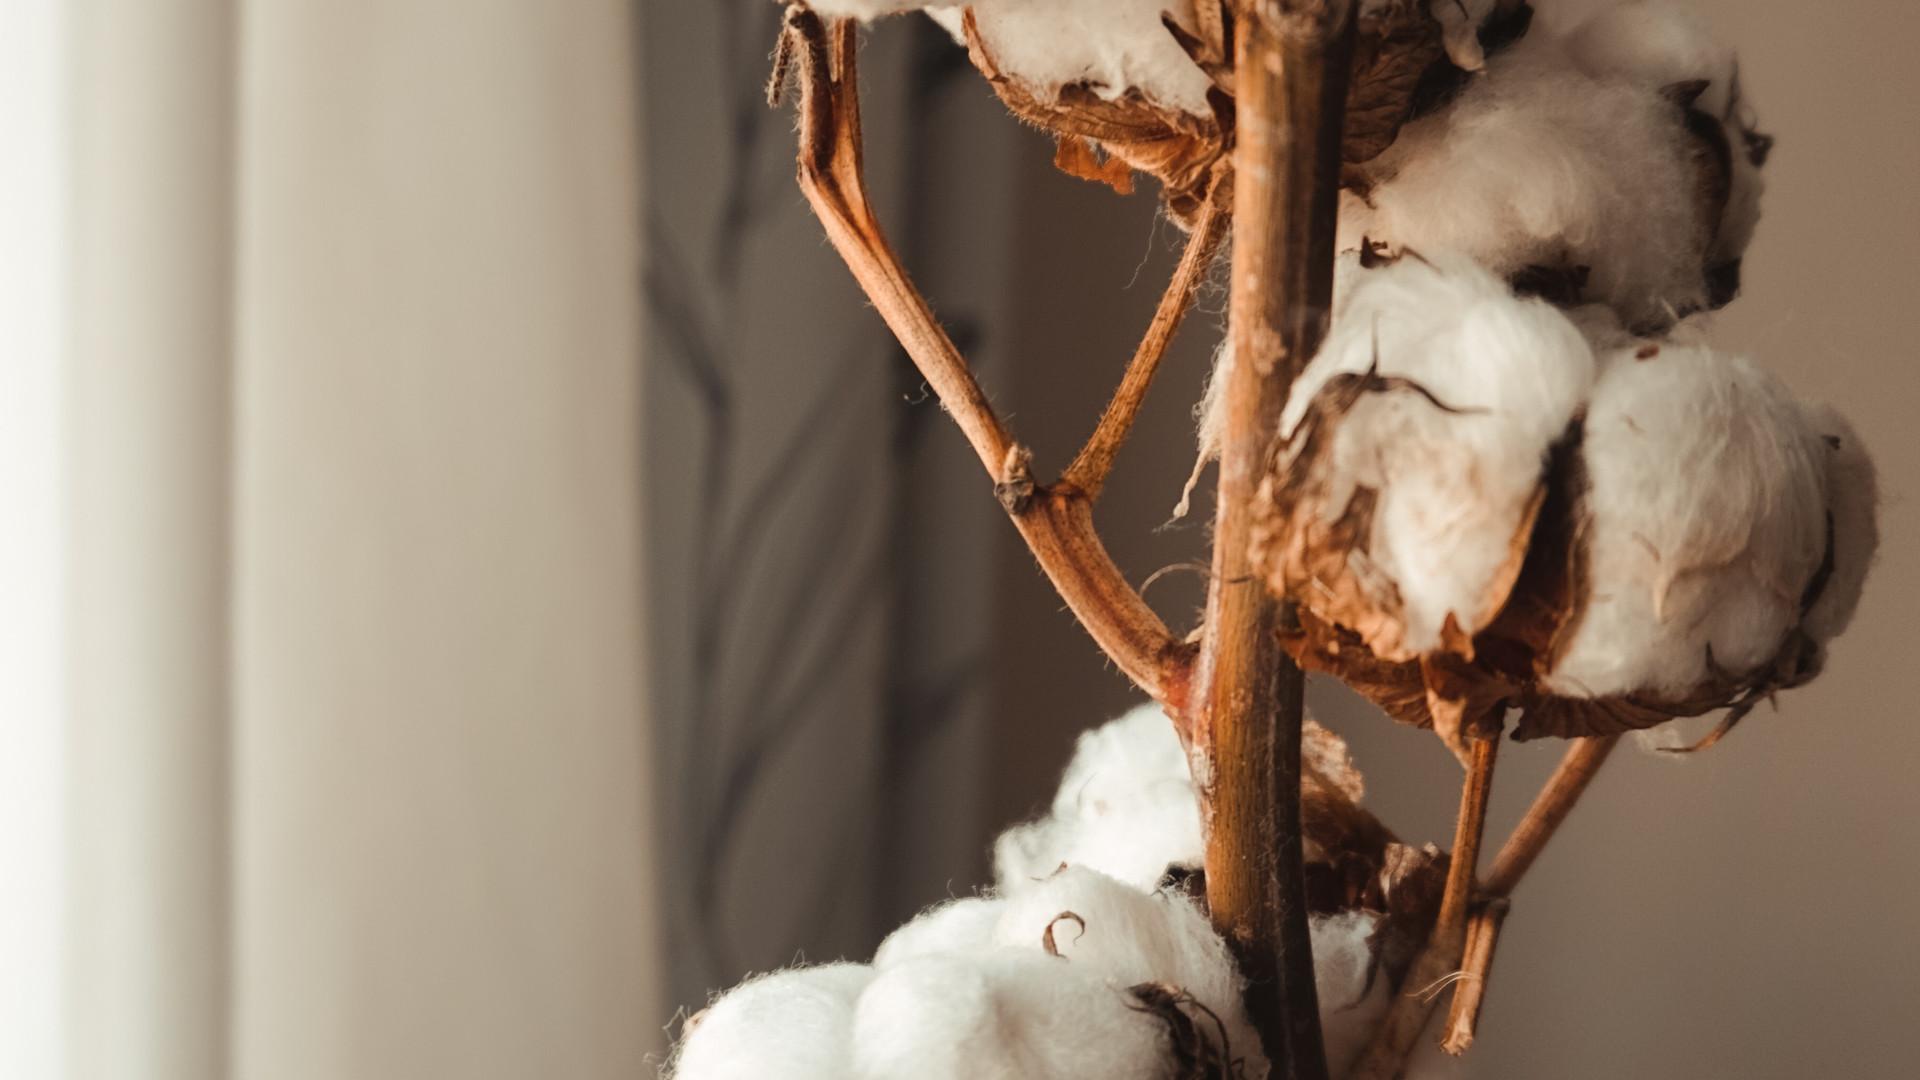 미국 서부와 남서부에서 재배되는 수피마 코튼은 일반적인 코튼보다 섬유의 길이가 길며, 긴 길이 만큼 더욱 세심한 관리로 최상의 품질을 보존하기 위해 수세기 동안 연구되었습니다.   인공적인 관리 방법보다 가장 진보된 농업 공정을 사용하고 개발하는 기술자들의 손에서 탄생하게 됩니다. 수피마코튼은 적은 필링으로 오래도록 지속되는 강력한 탄력성과 생생한 색감을 냅니다. 희귀하고 우수한 천연섬유인 수피마코튼으로 오직 라바르카비스포크에서 경험할 수 있는 커스터마이징 캐주얼 라인의 폴로셔츠 프로젝트